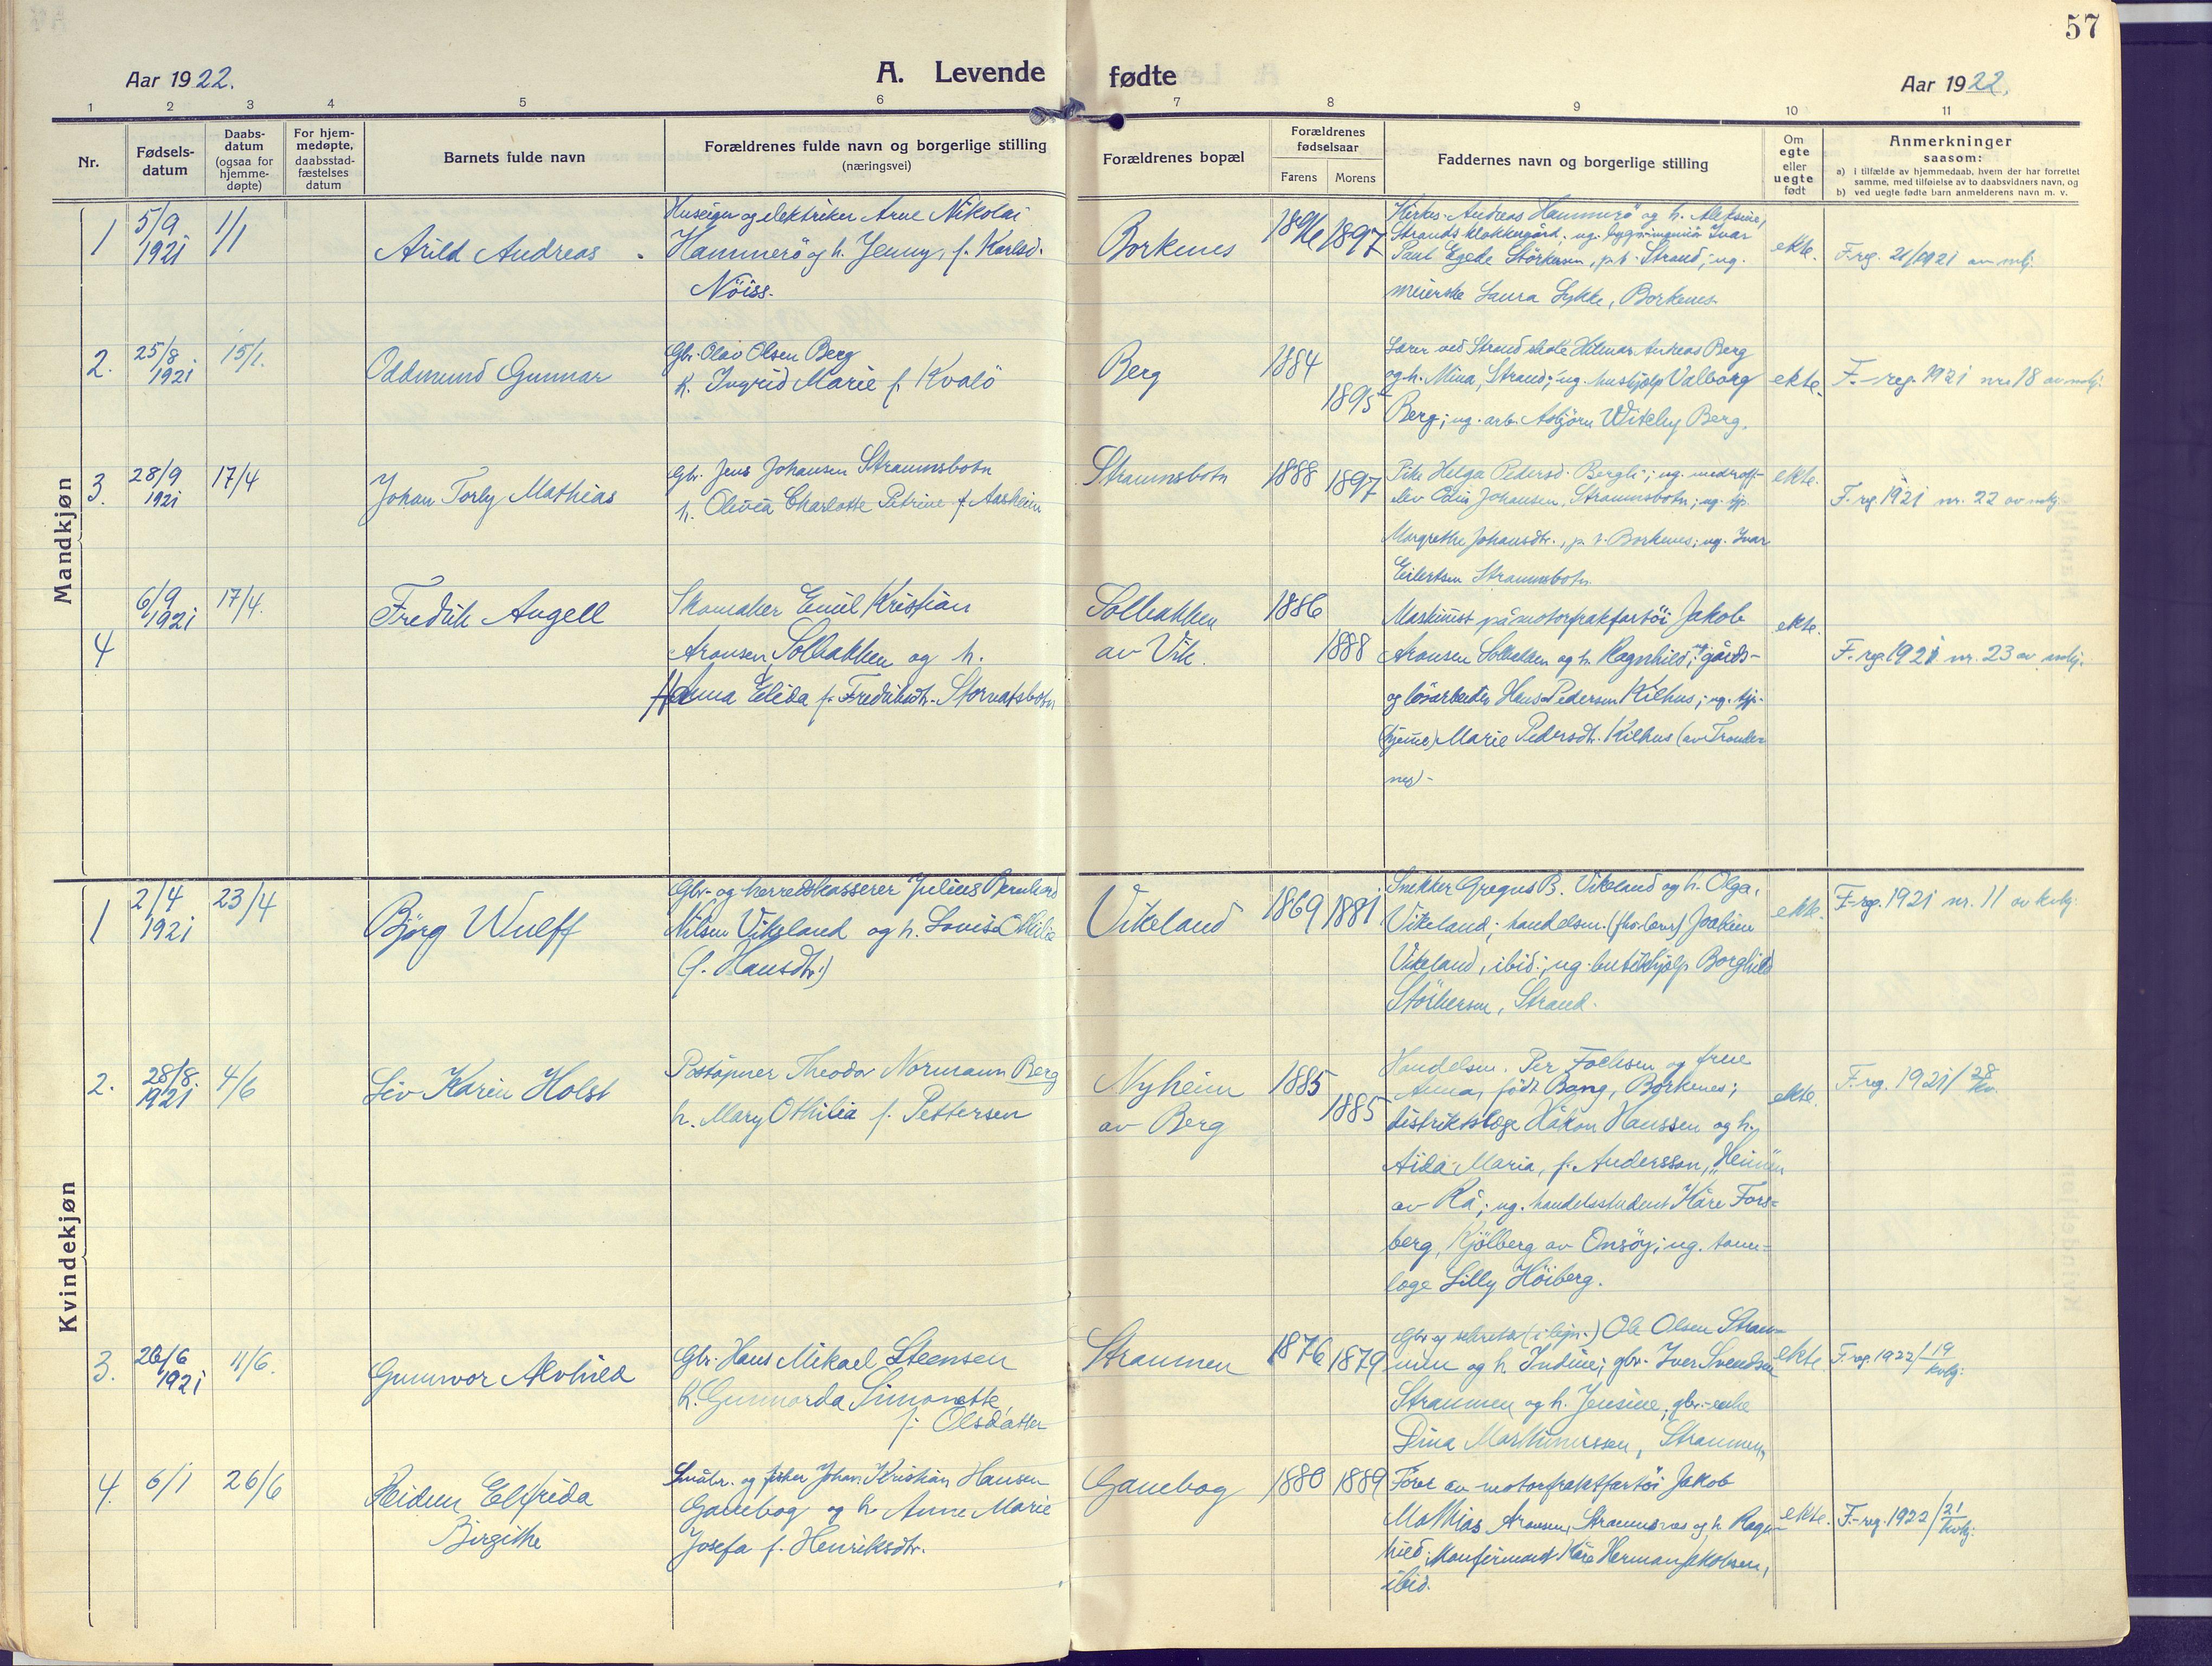 SATØ, Kvæfjord sokneprestkontor, G/Ga/Gaa/L0007kirke: Ministerialbok nr. 7, 1915-1931, s. 57